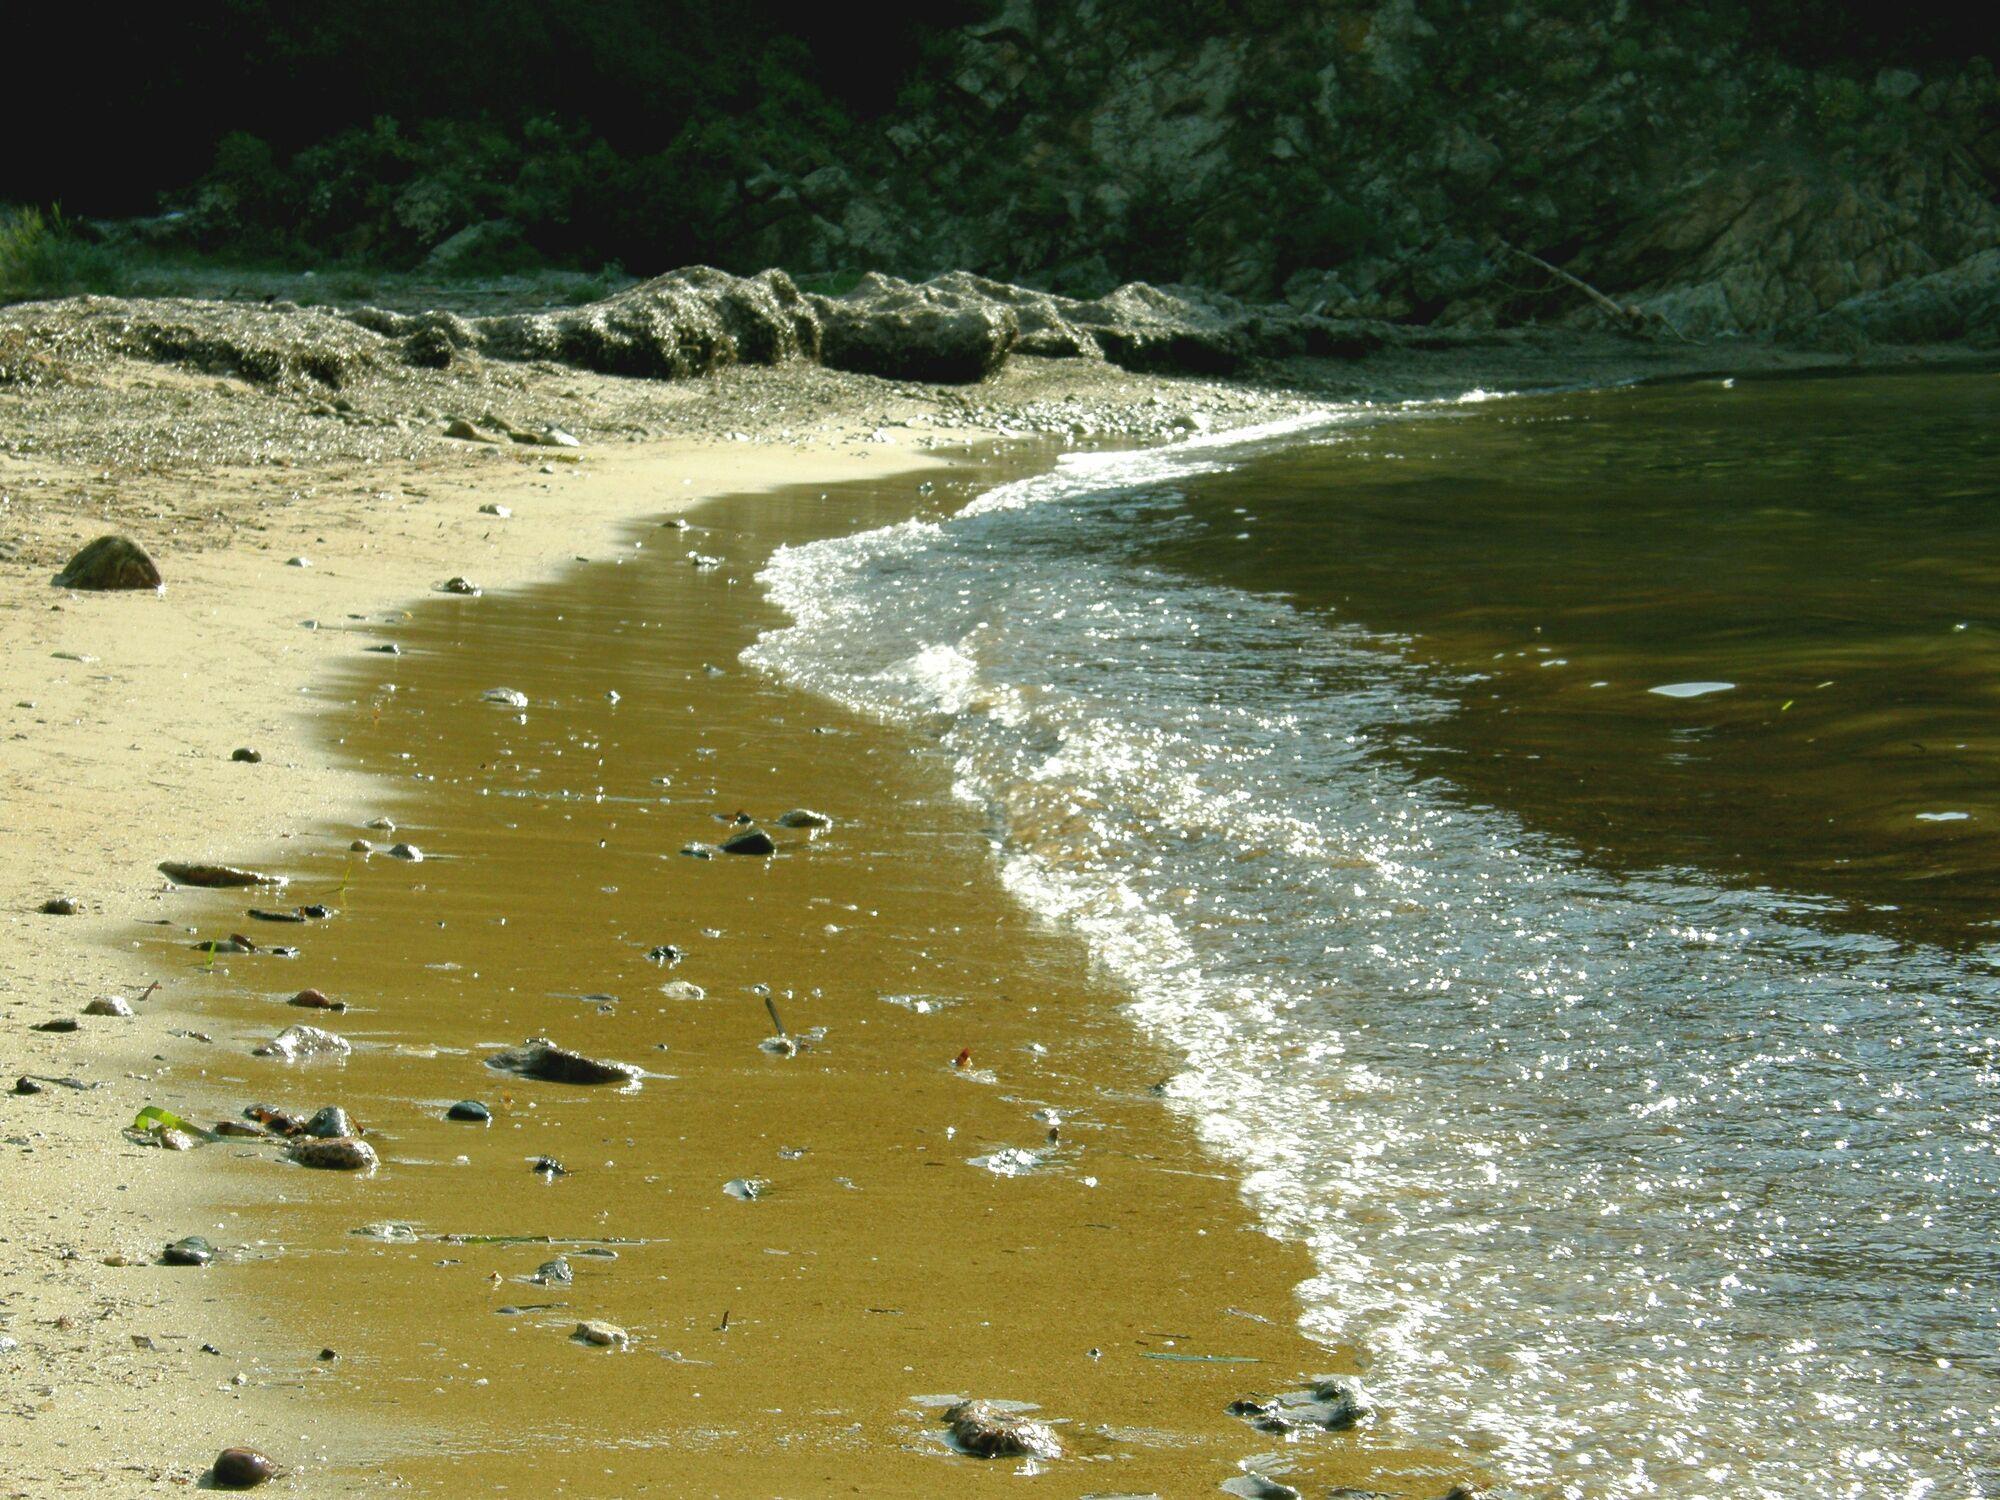 Bild mit Wasser, Gewässer, Strände, Stein, Strand, Meer, Steine